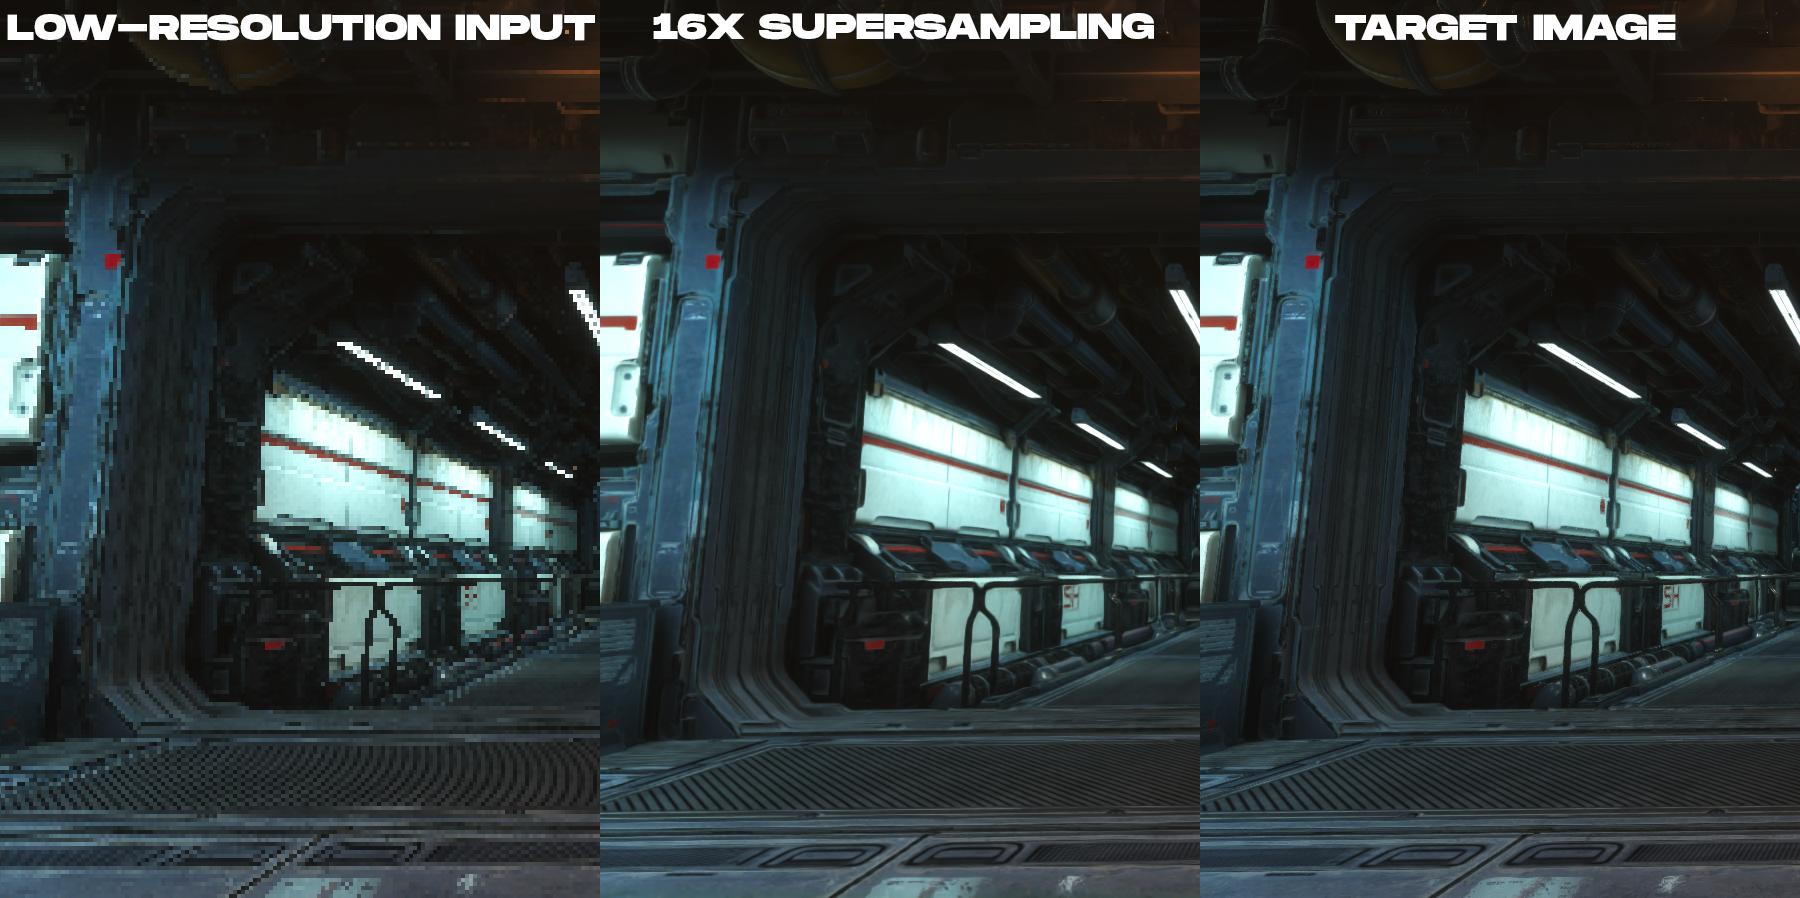 Нейронное суперсэмплирование при рендеринге в реальном времени - 6